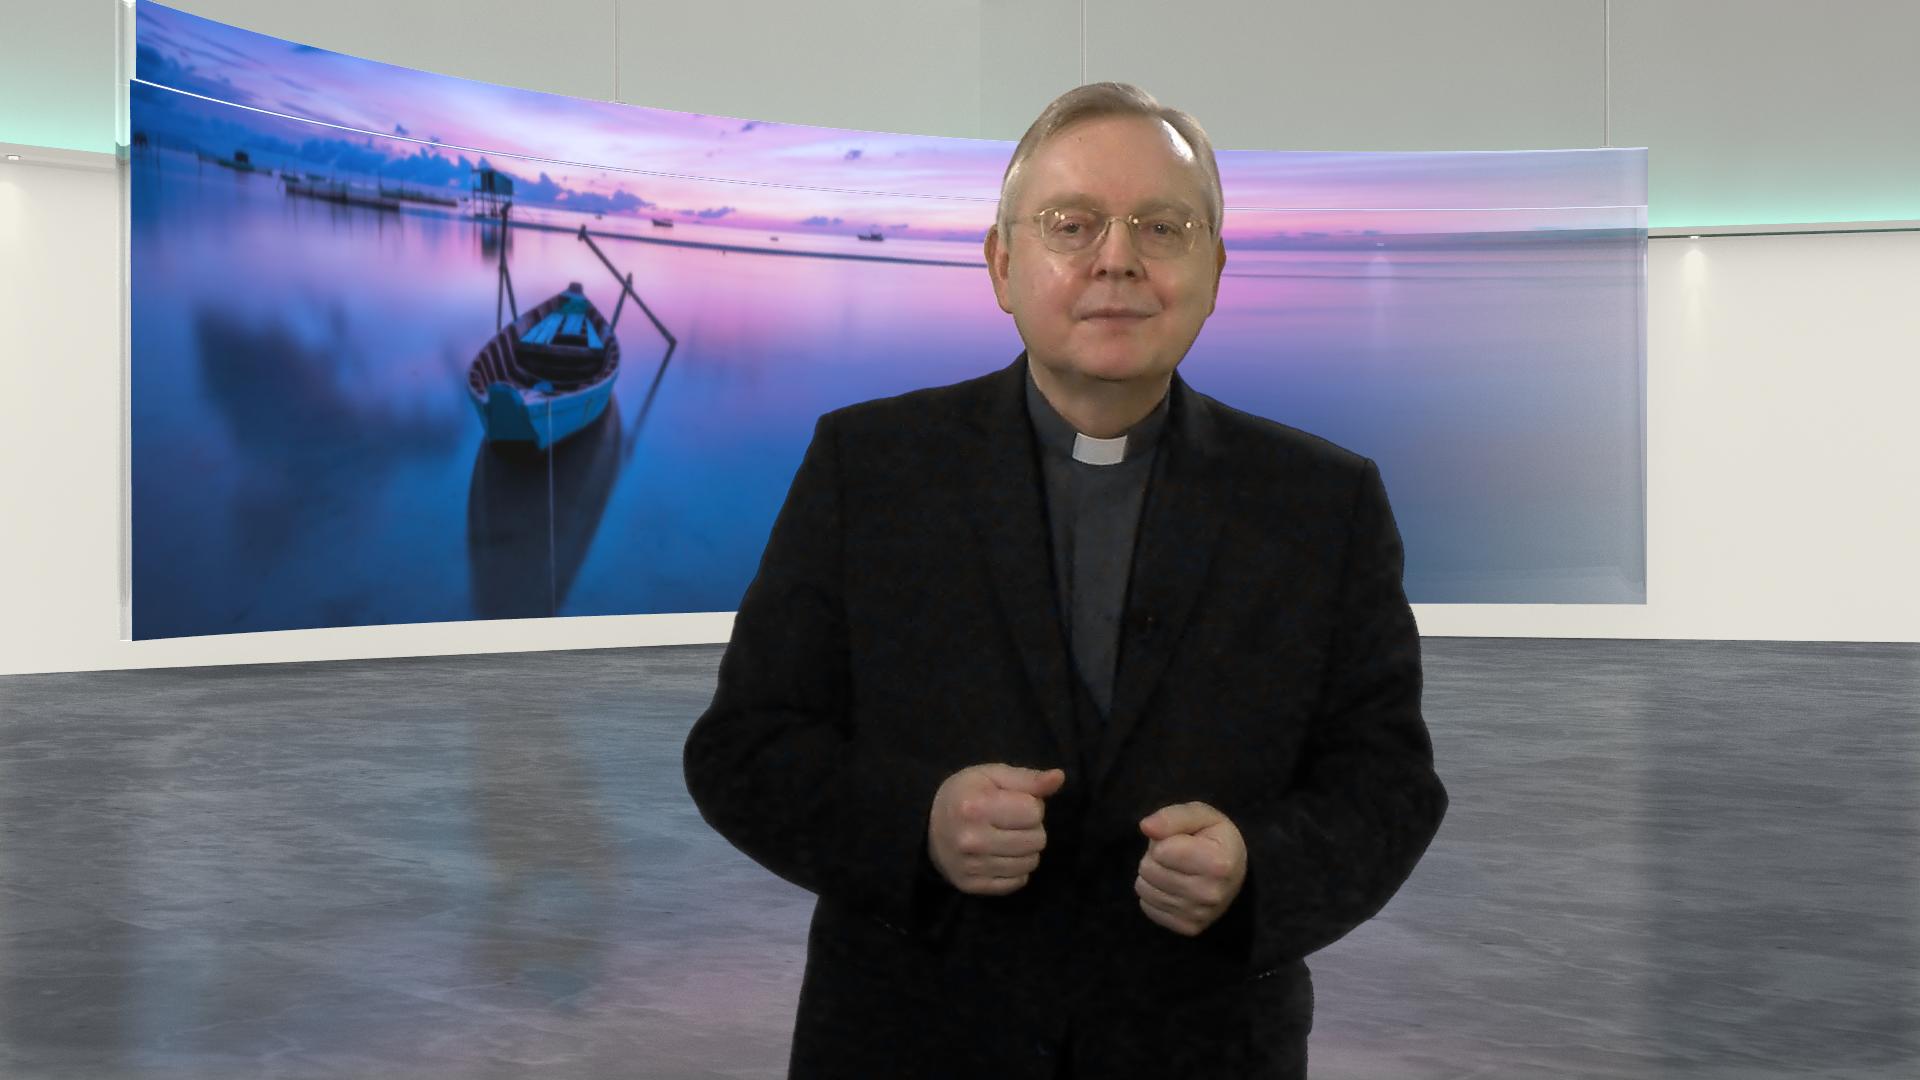 200809 Predigt Bauernfeind Title TV